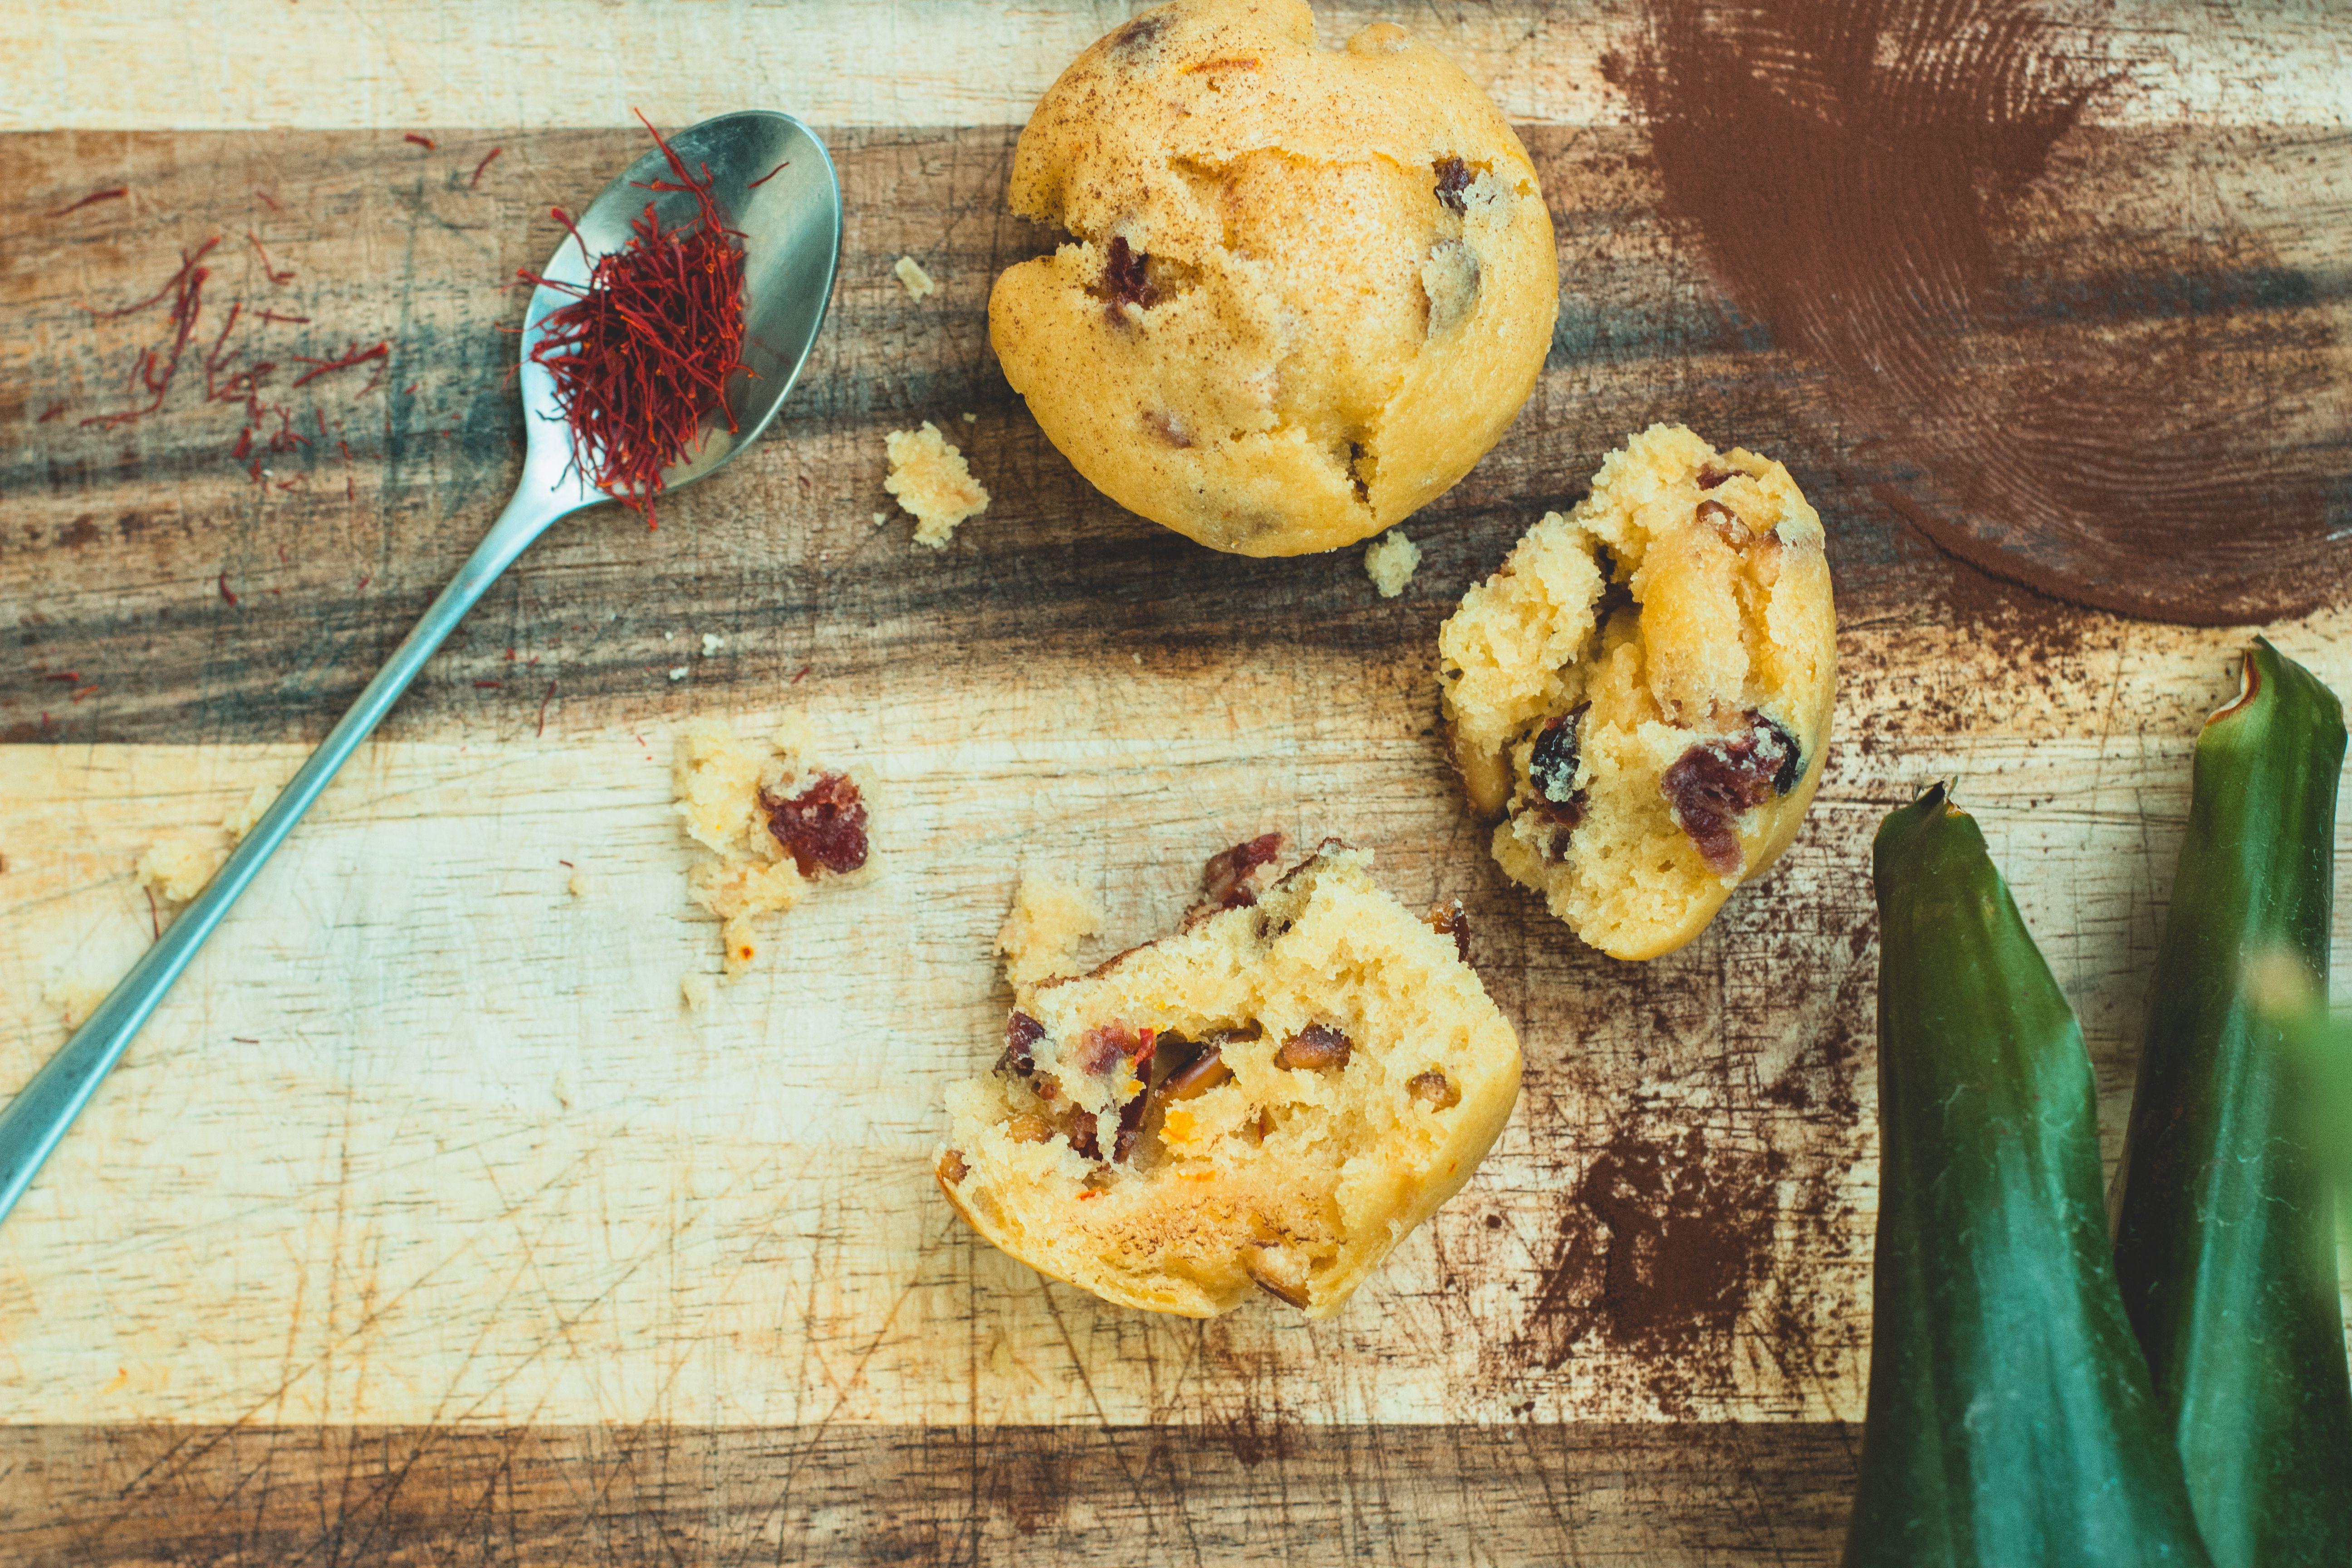 Safran Macht Nicht Nur Den Kuchen Gel Mit Diesen Muffins Bist Du Gast Nummer 1 Auf Der Nachsten Feier Einmal Gekostet Wirs Gourmet Genuss Und Rezepte